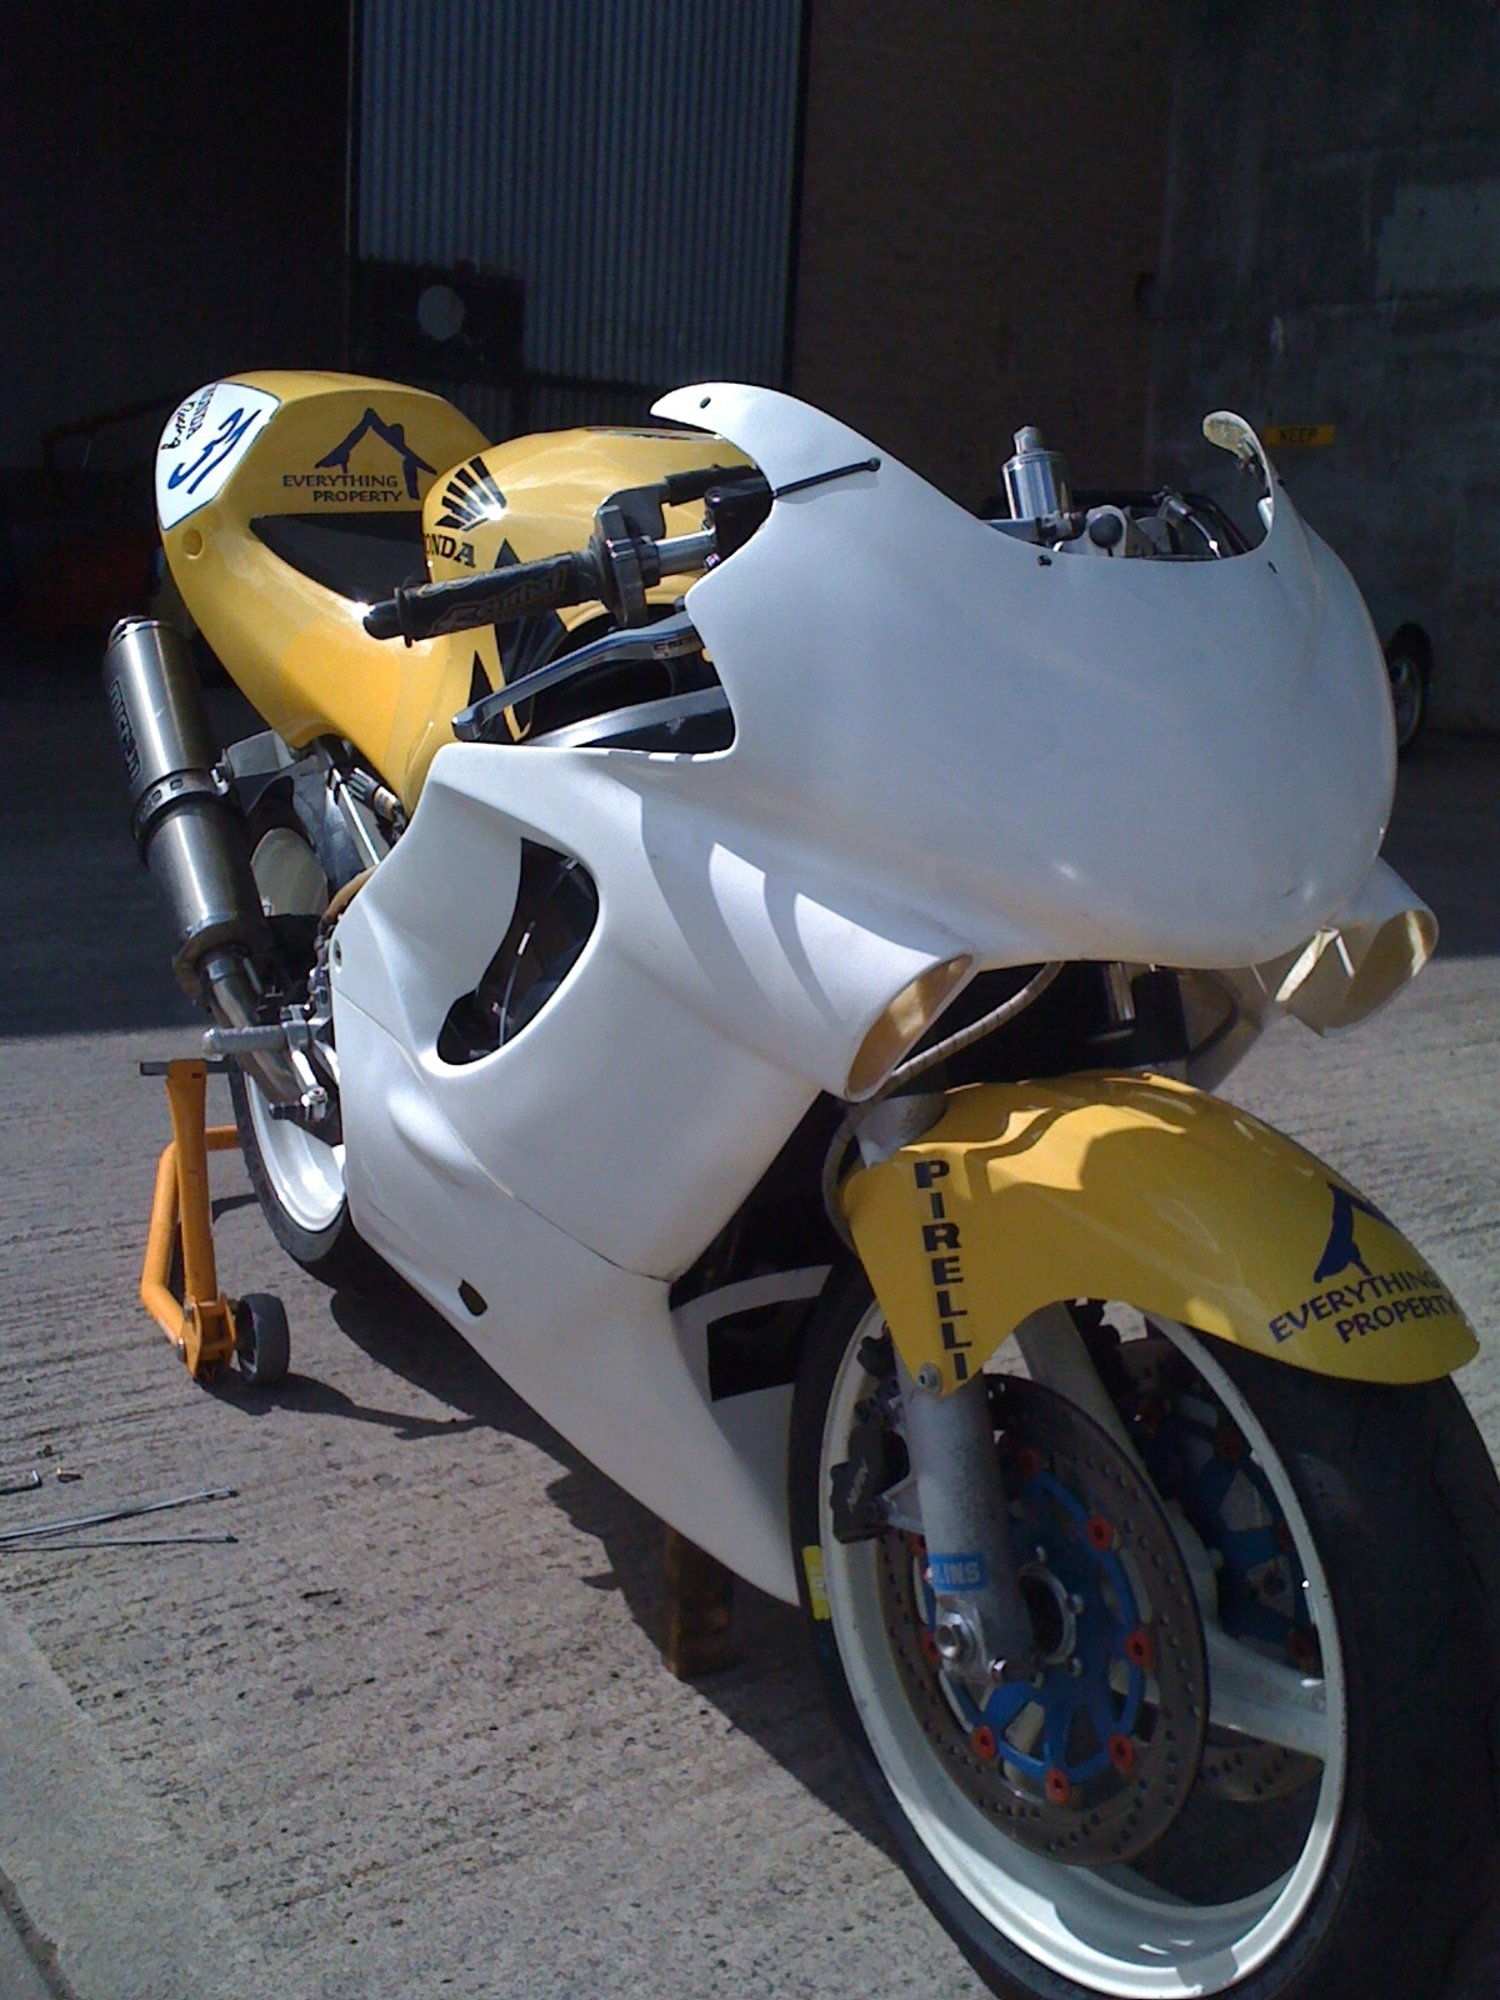 CBR 600 FX FY 004.jpg